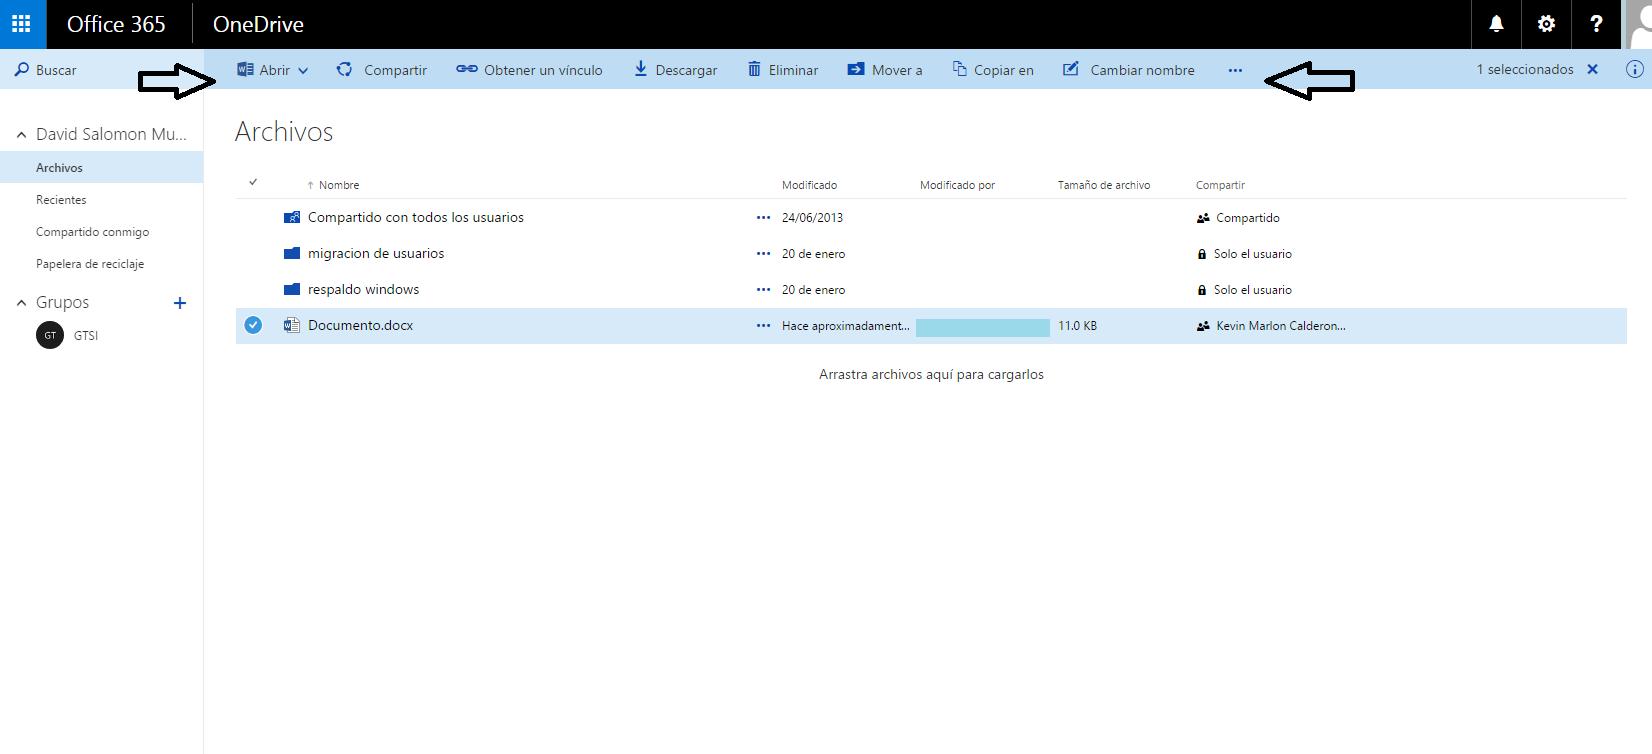 onedrive2.5.8